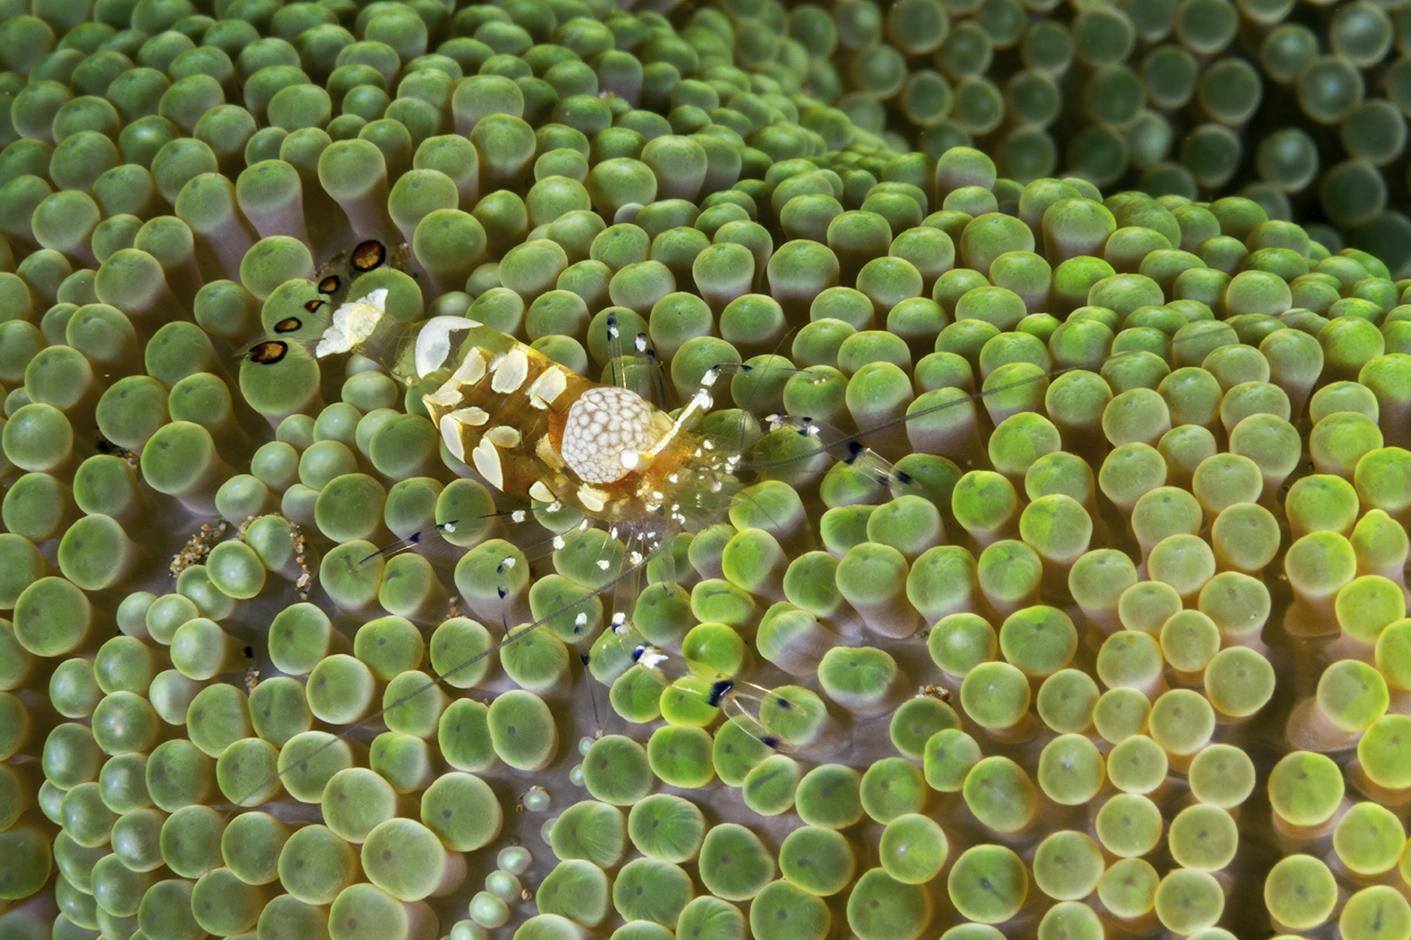 Wakatobi shrimp